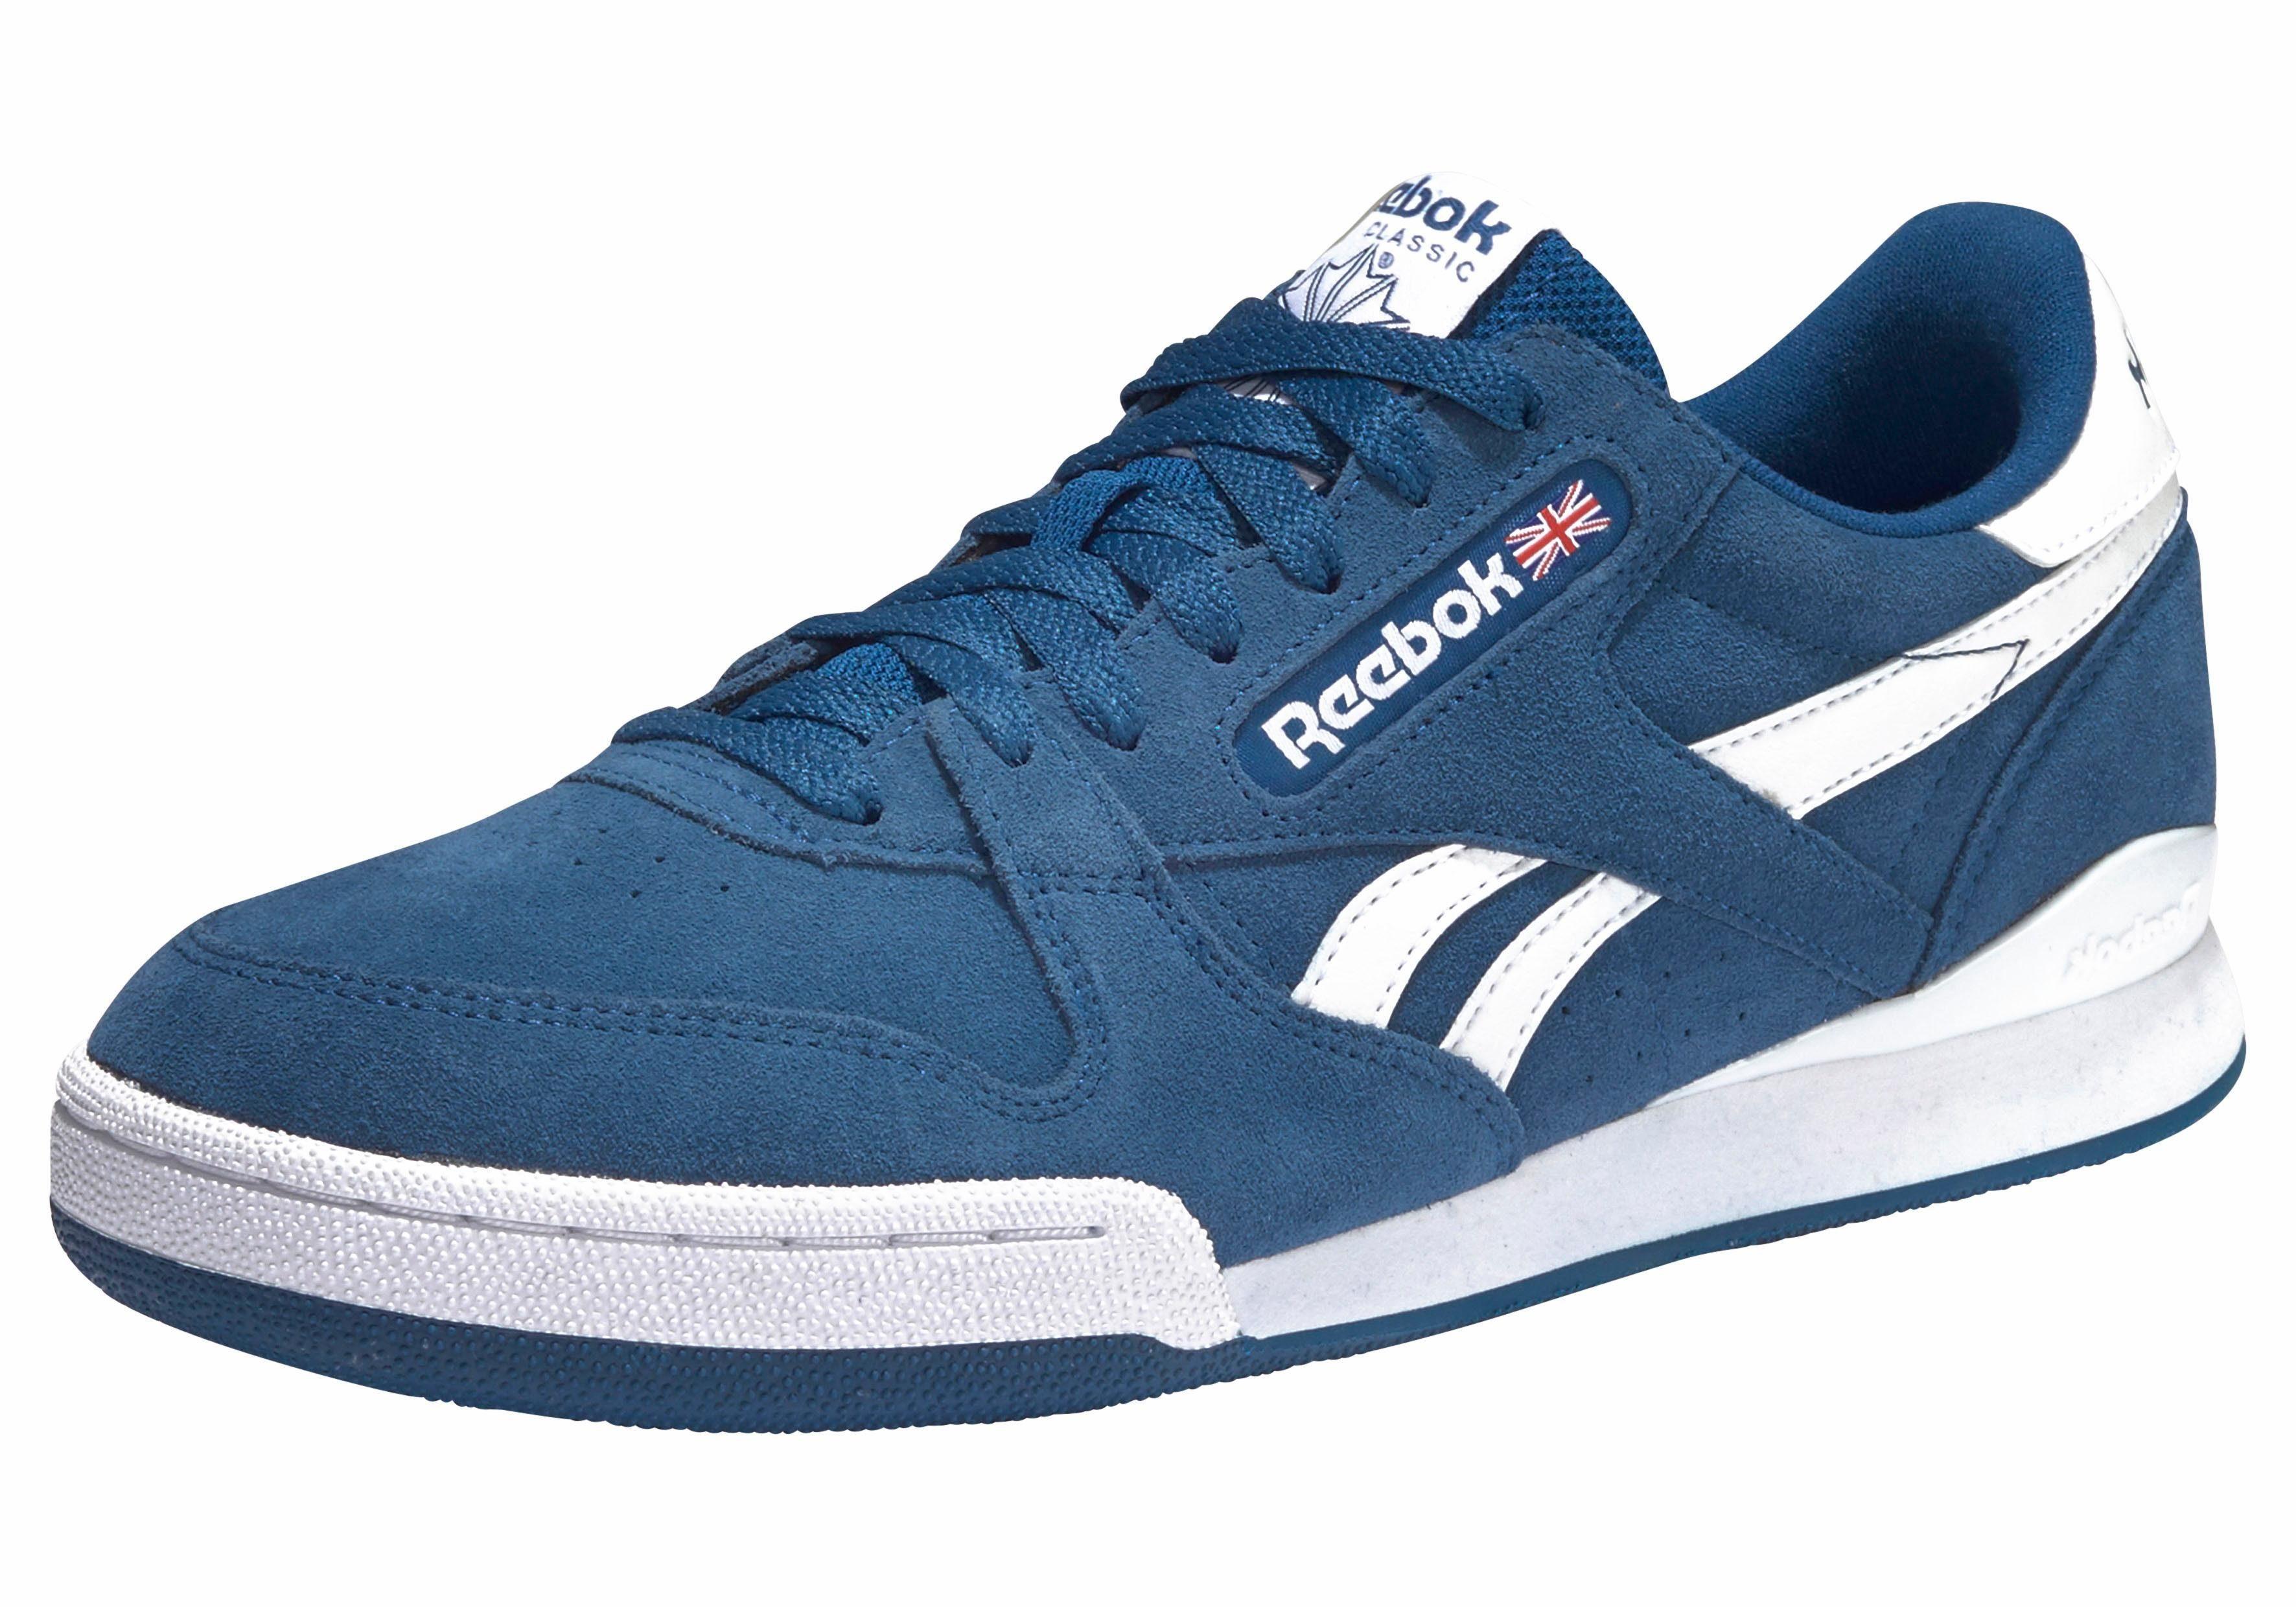 Reebok Classic »Phase 1 Pro MU« Sneaker kaufen | OTTO